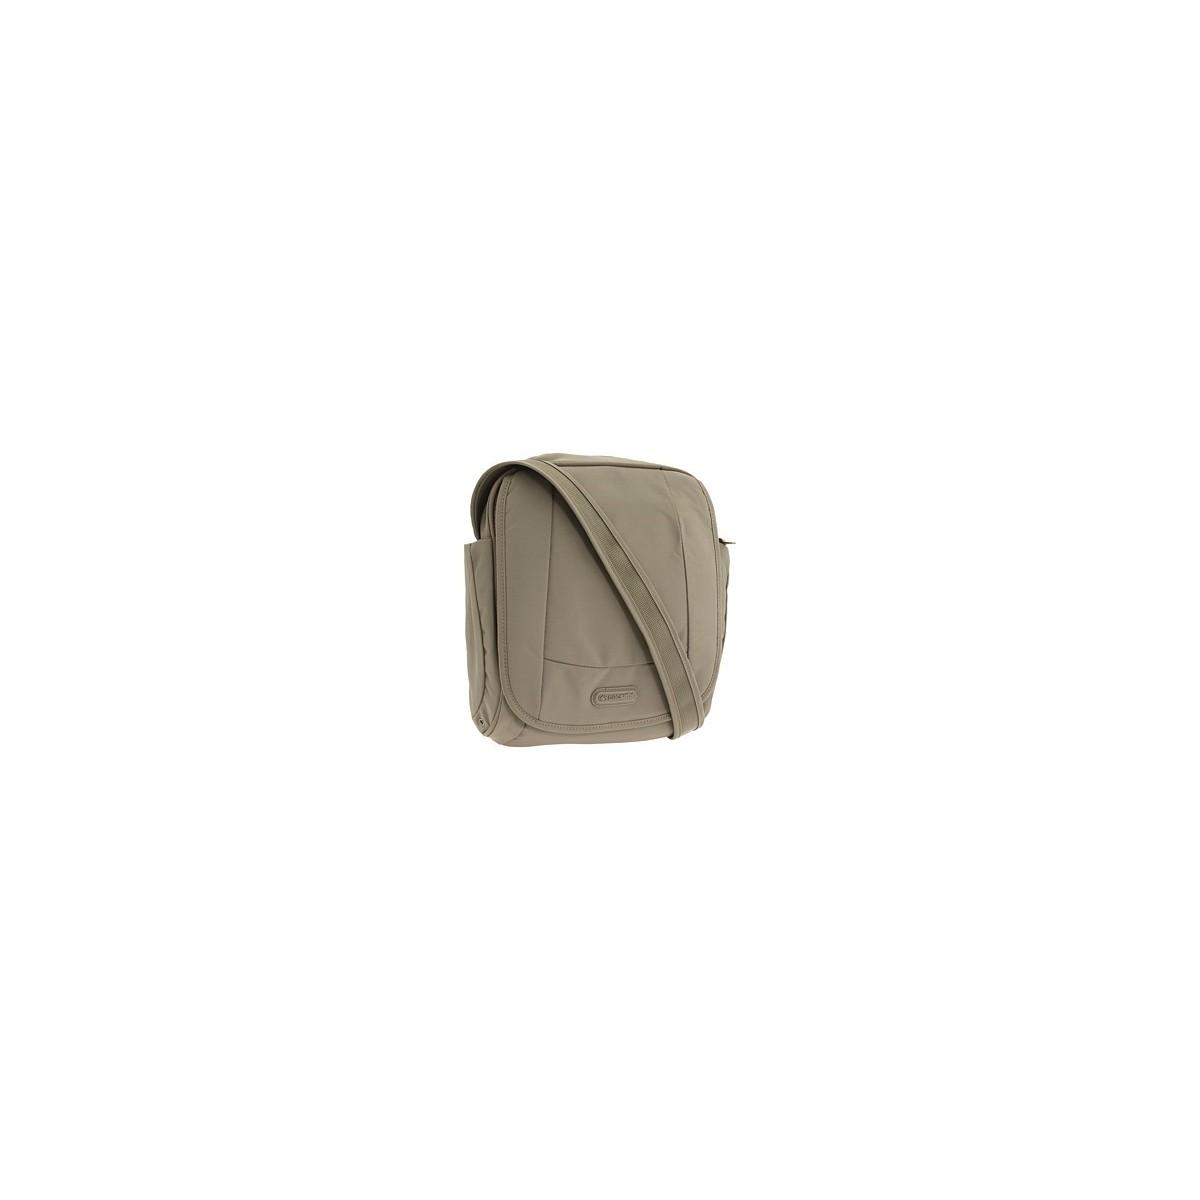 กระเป๋าสะพาย Metrosafe™ 200 GII (Khaki) anti-theft cross body sling bag